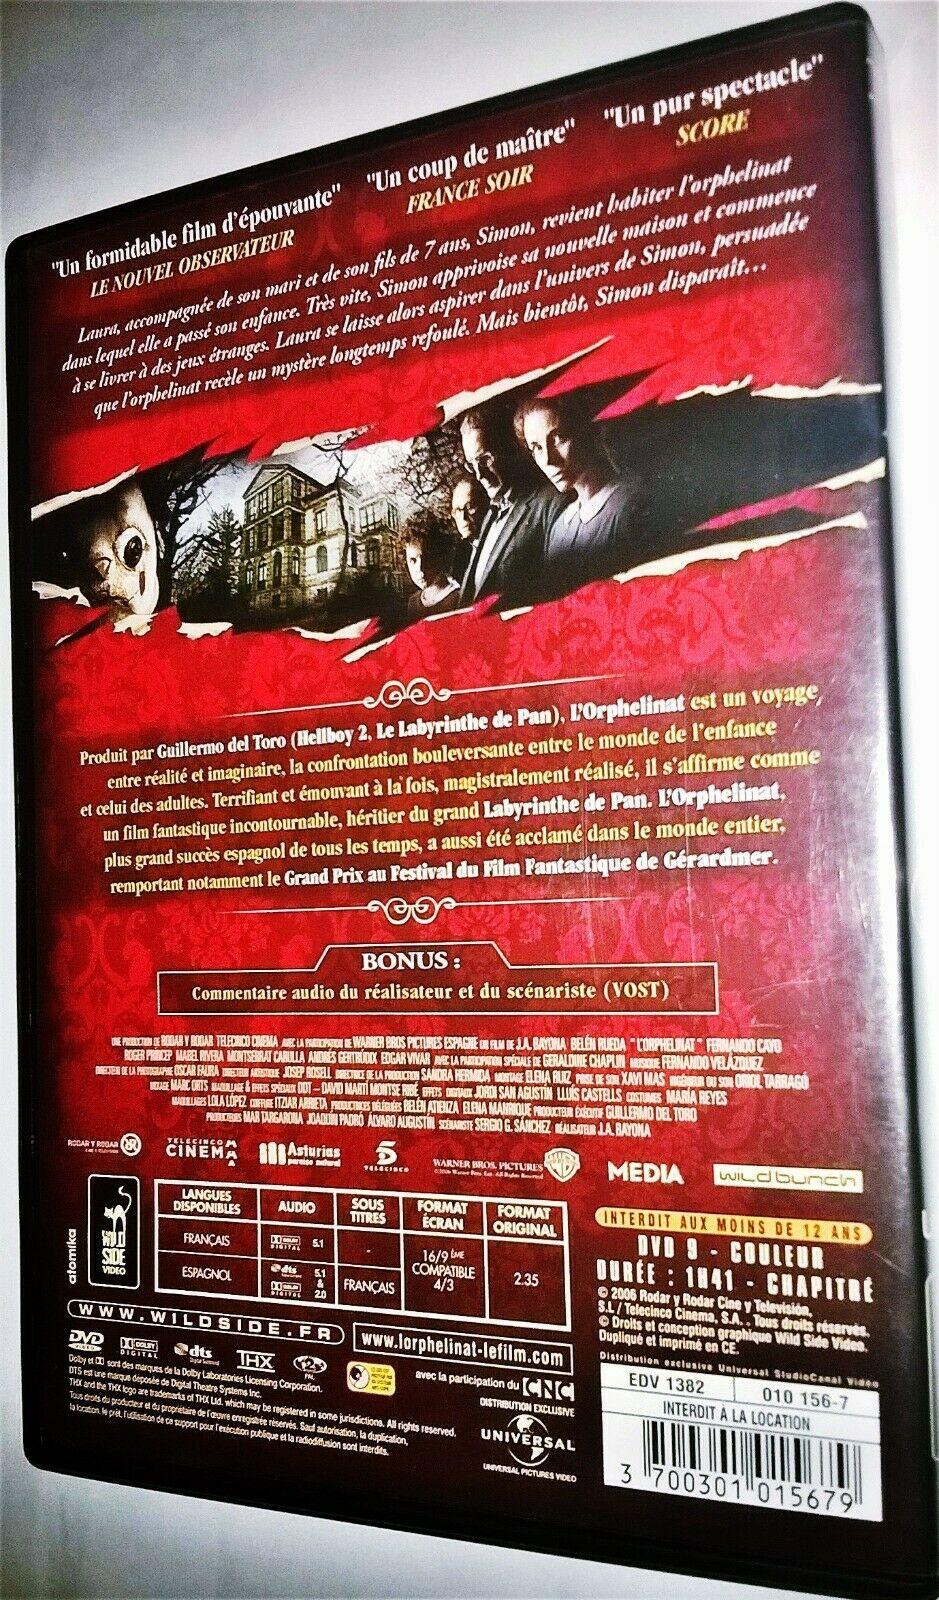 [DON/ECH] Le gros foutoir DVD [MAJ 16/09] - Page 5 S-l16022